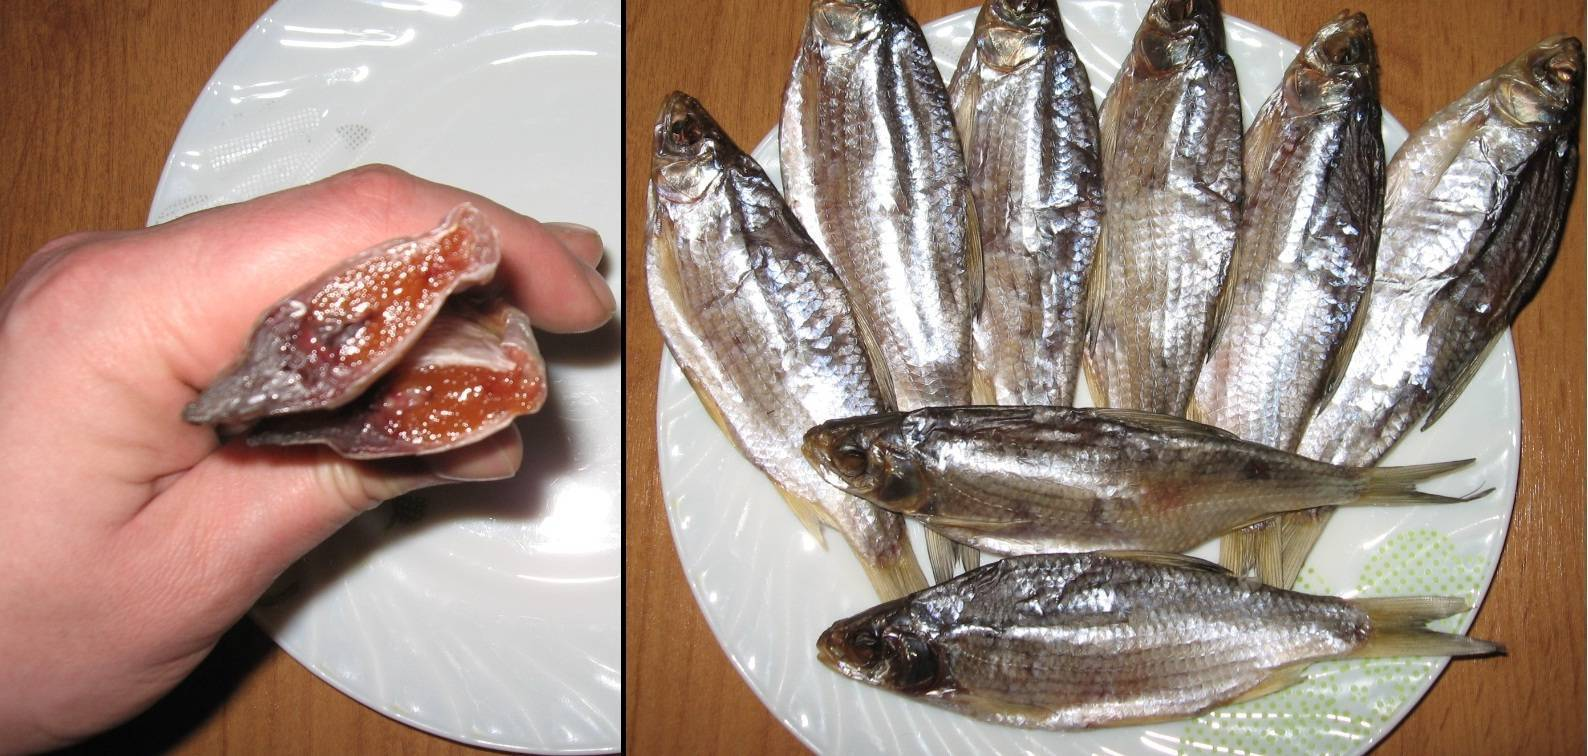 Как солить речную рыбу (воблу, окуня, бычки, уклейку, плотву) в домашних условиях: рецепт